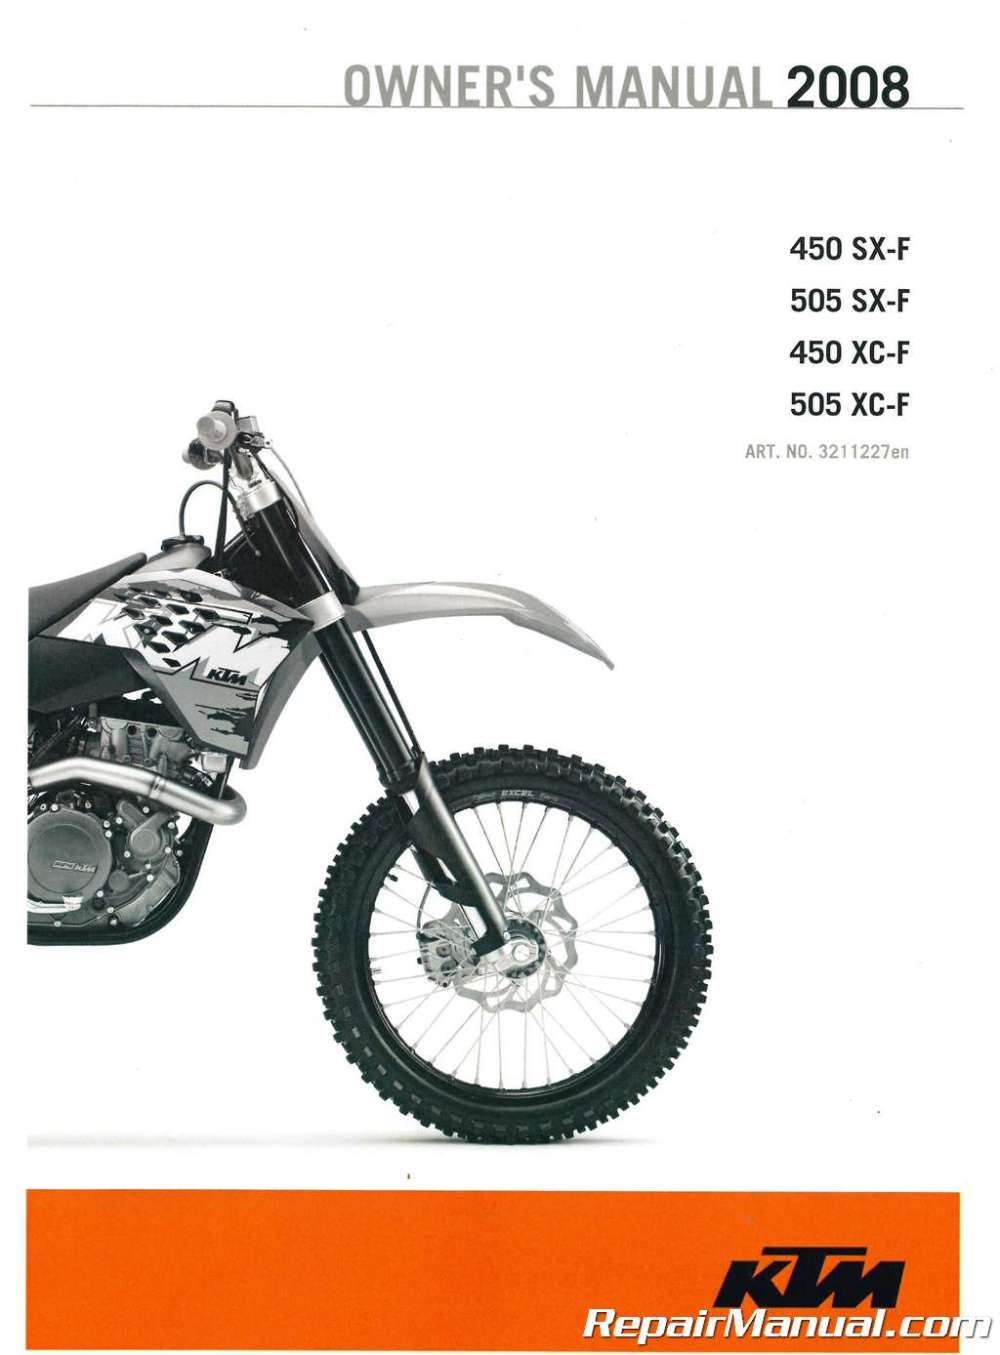 medium resolution of 2008 ktm 450 sx f 450 xc f 505 sx f xc f owners manual paper ktm 450 sx f wiring diagram